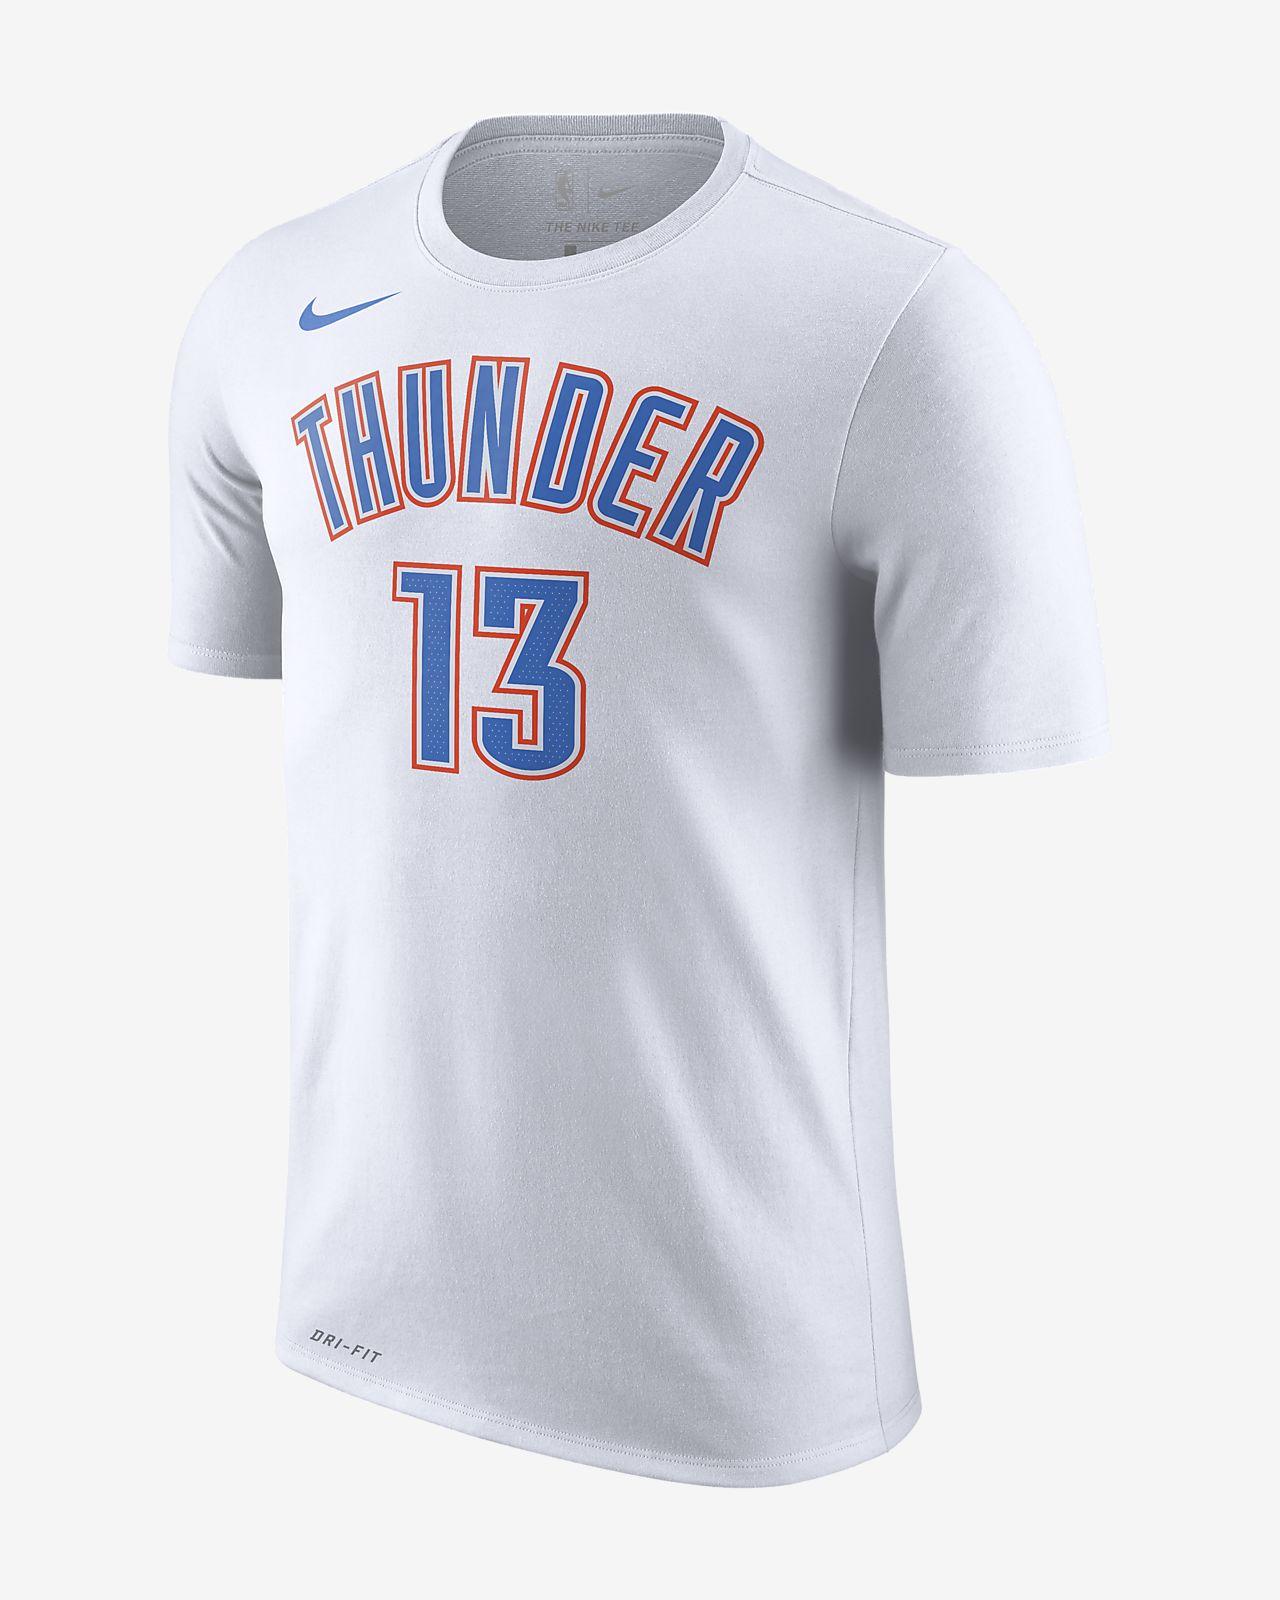 俄克拉荷马城雷霆队 (Paul George) Nike Dri-FIT 男子 NBA T恤